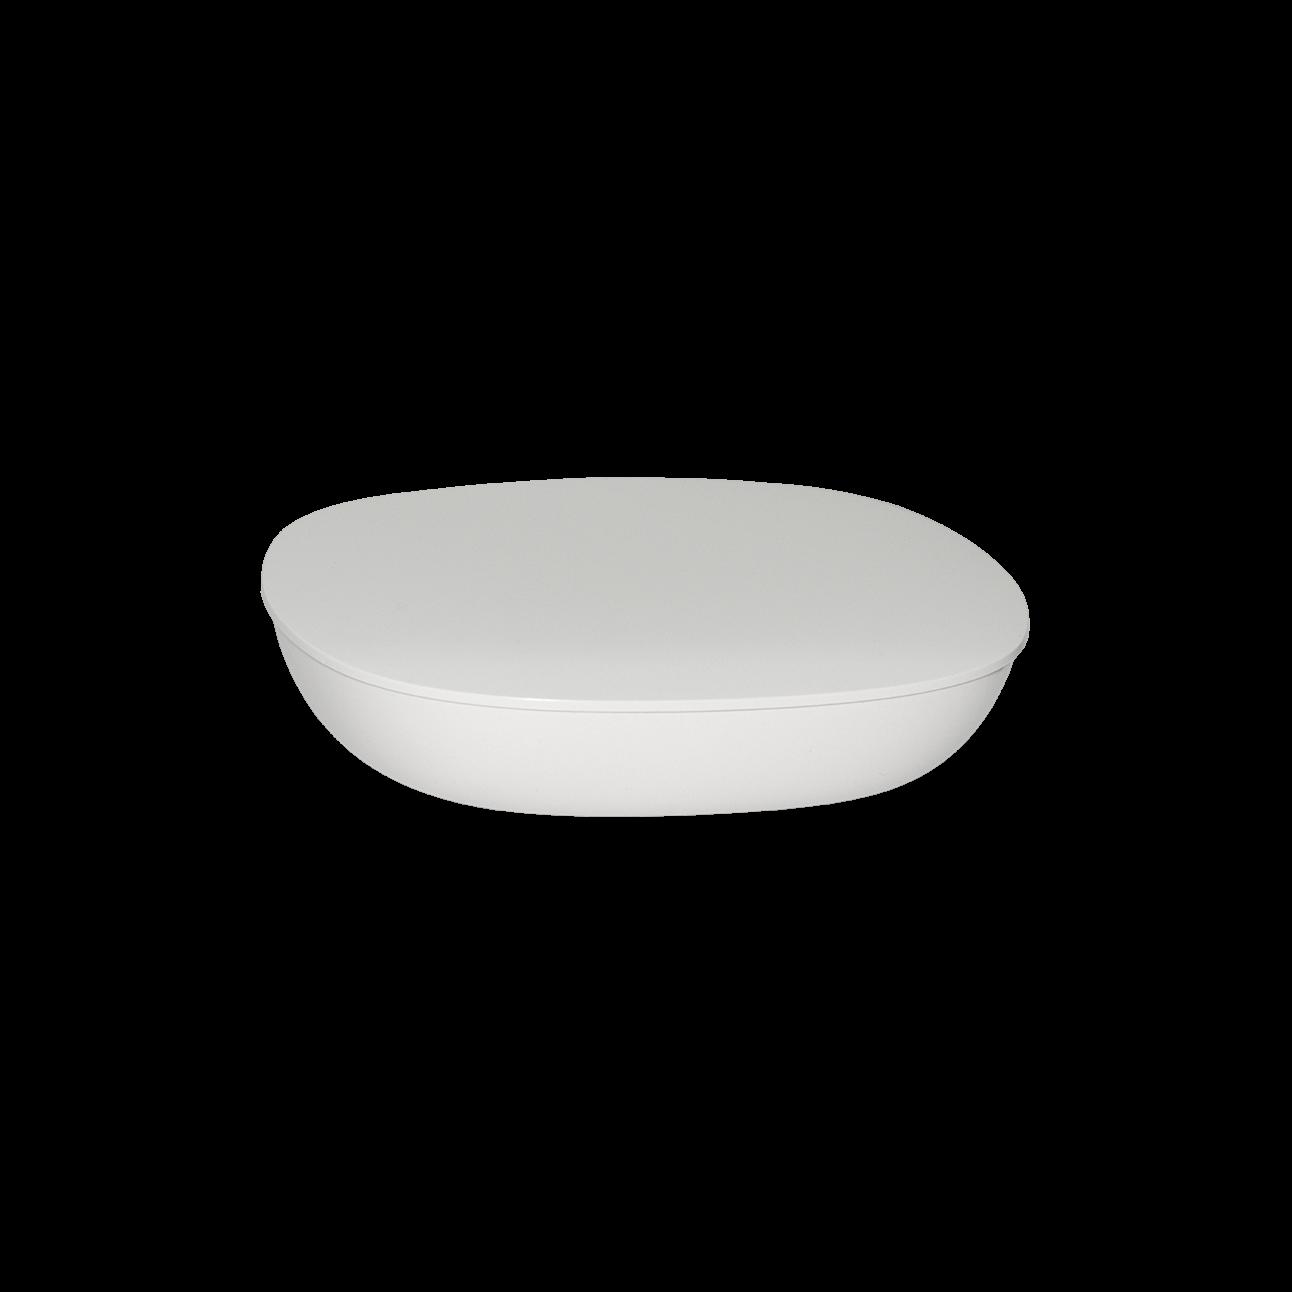 Приёмник оптический для сетей КТВ Vermax-LTP-082-15-ISW55